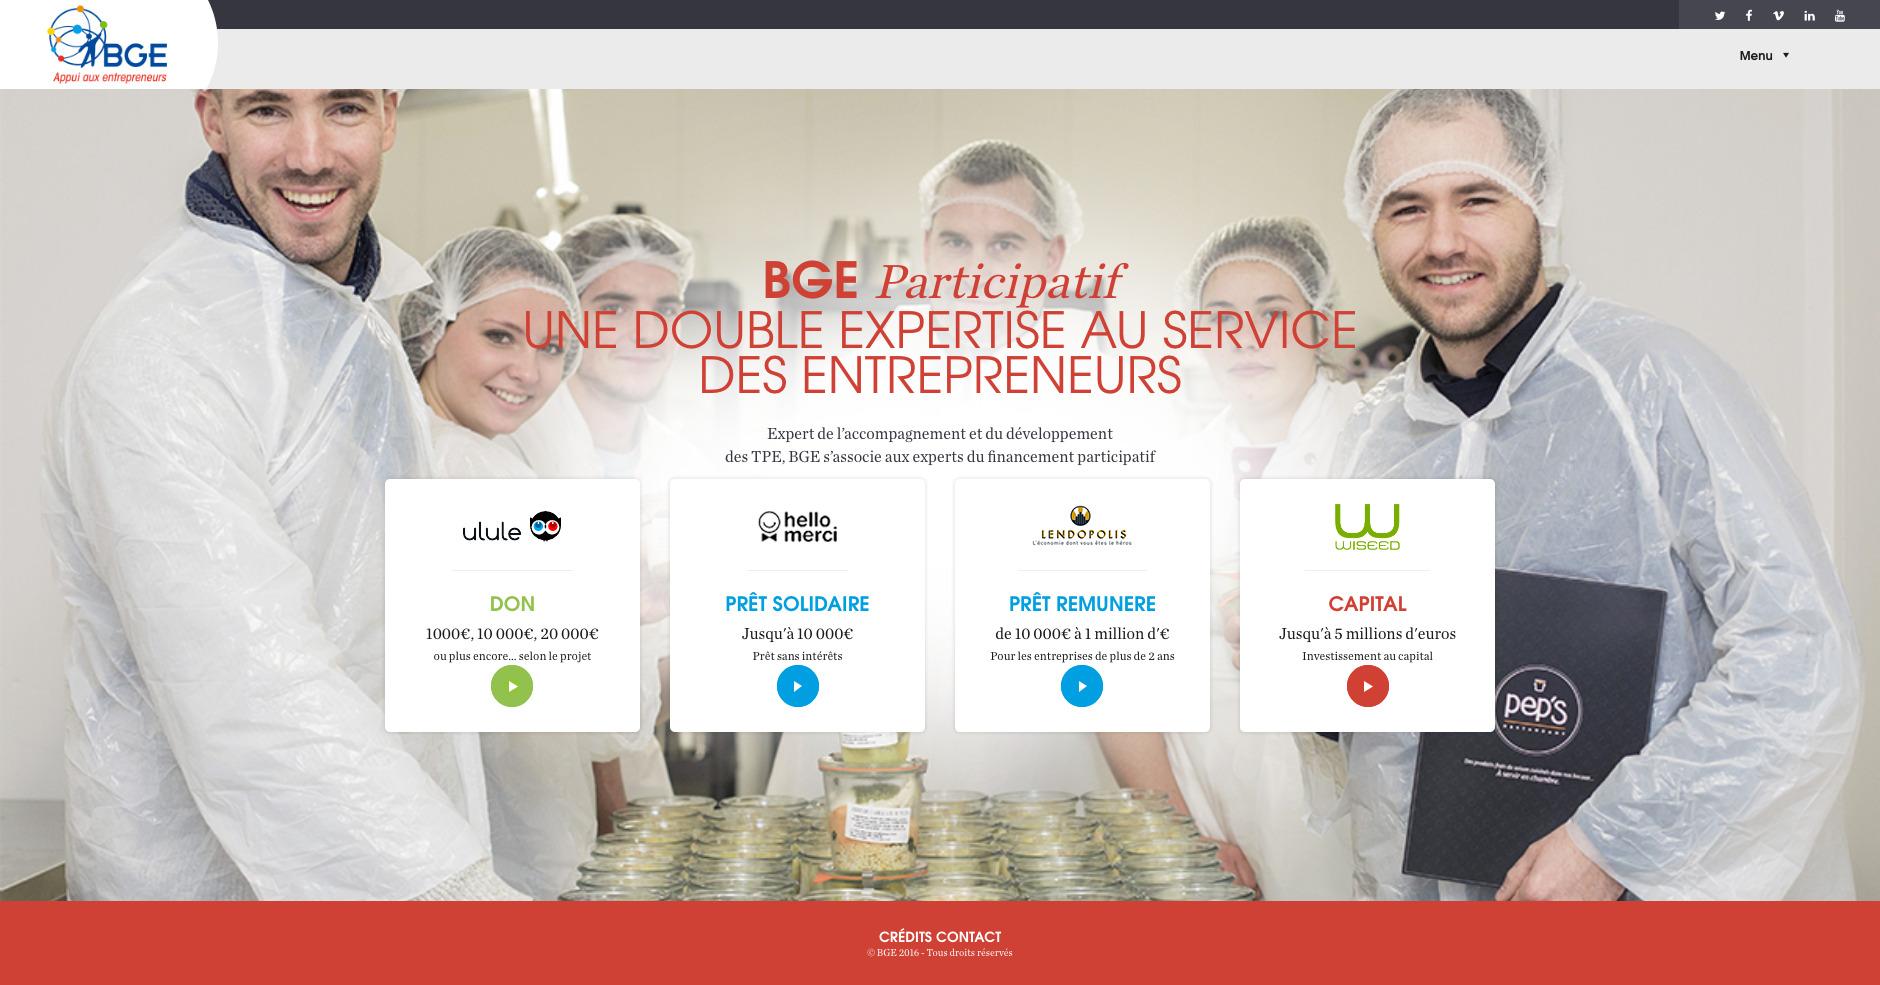 bge participatif_partenariat_avec_des_experts_du_financement_participatif.jpg